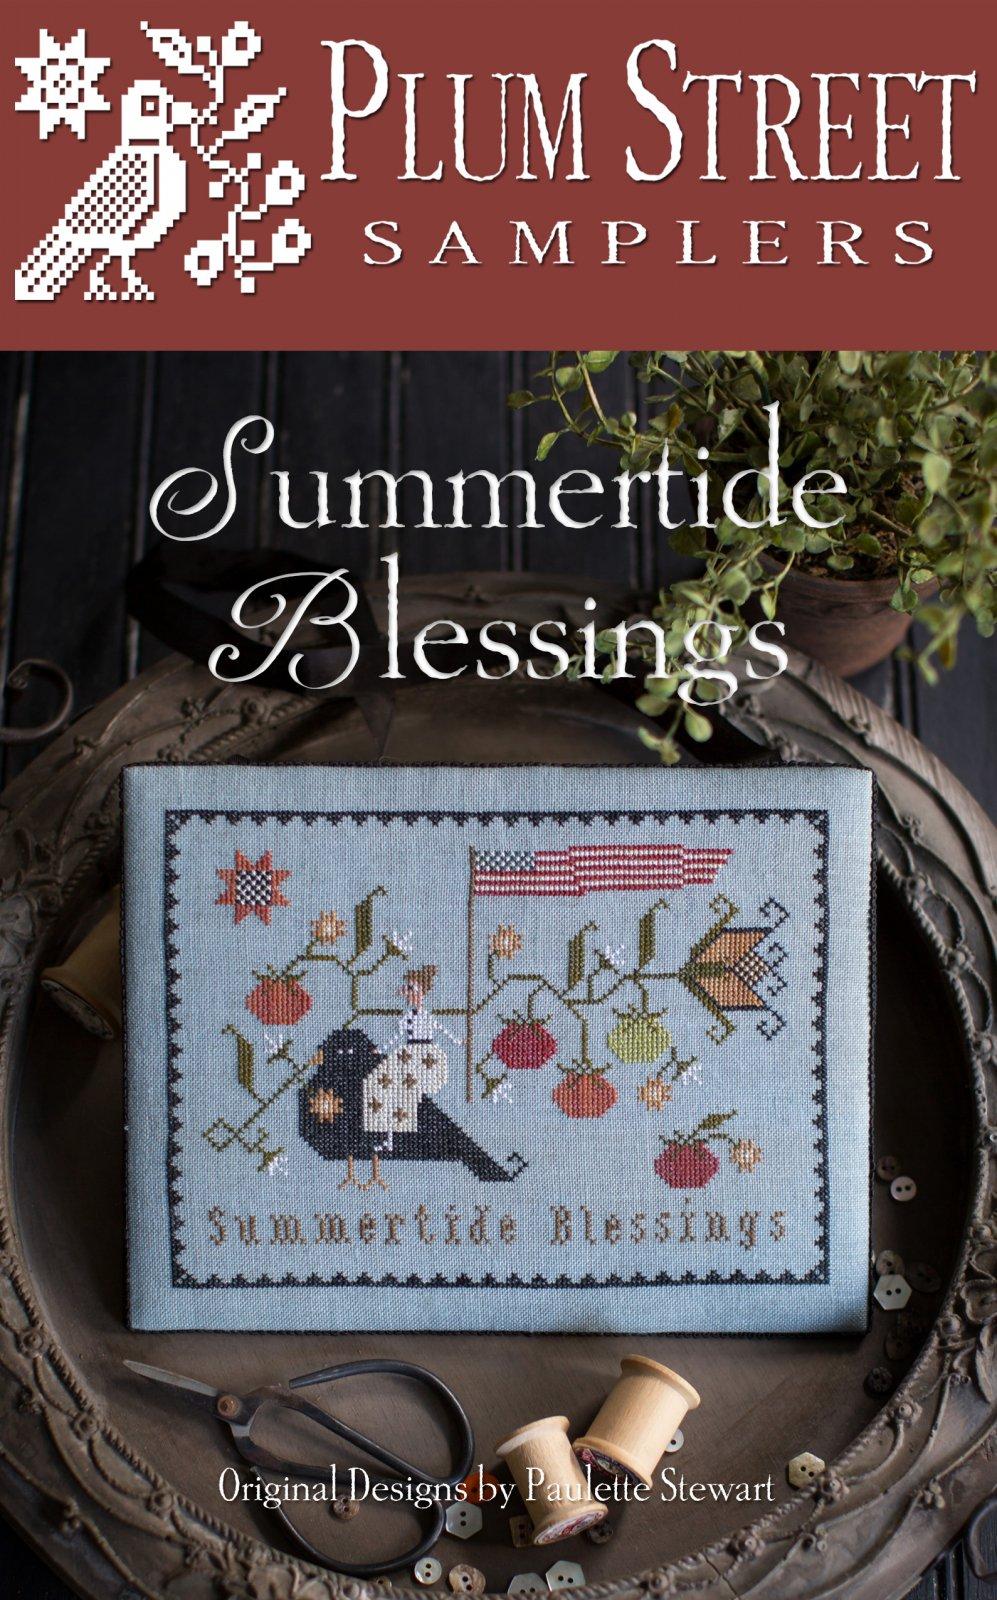 Plum Street Samplers - Summertide Blessings